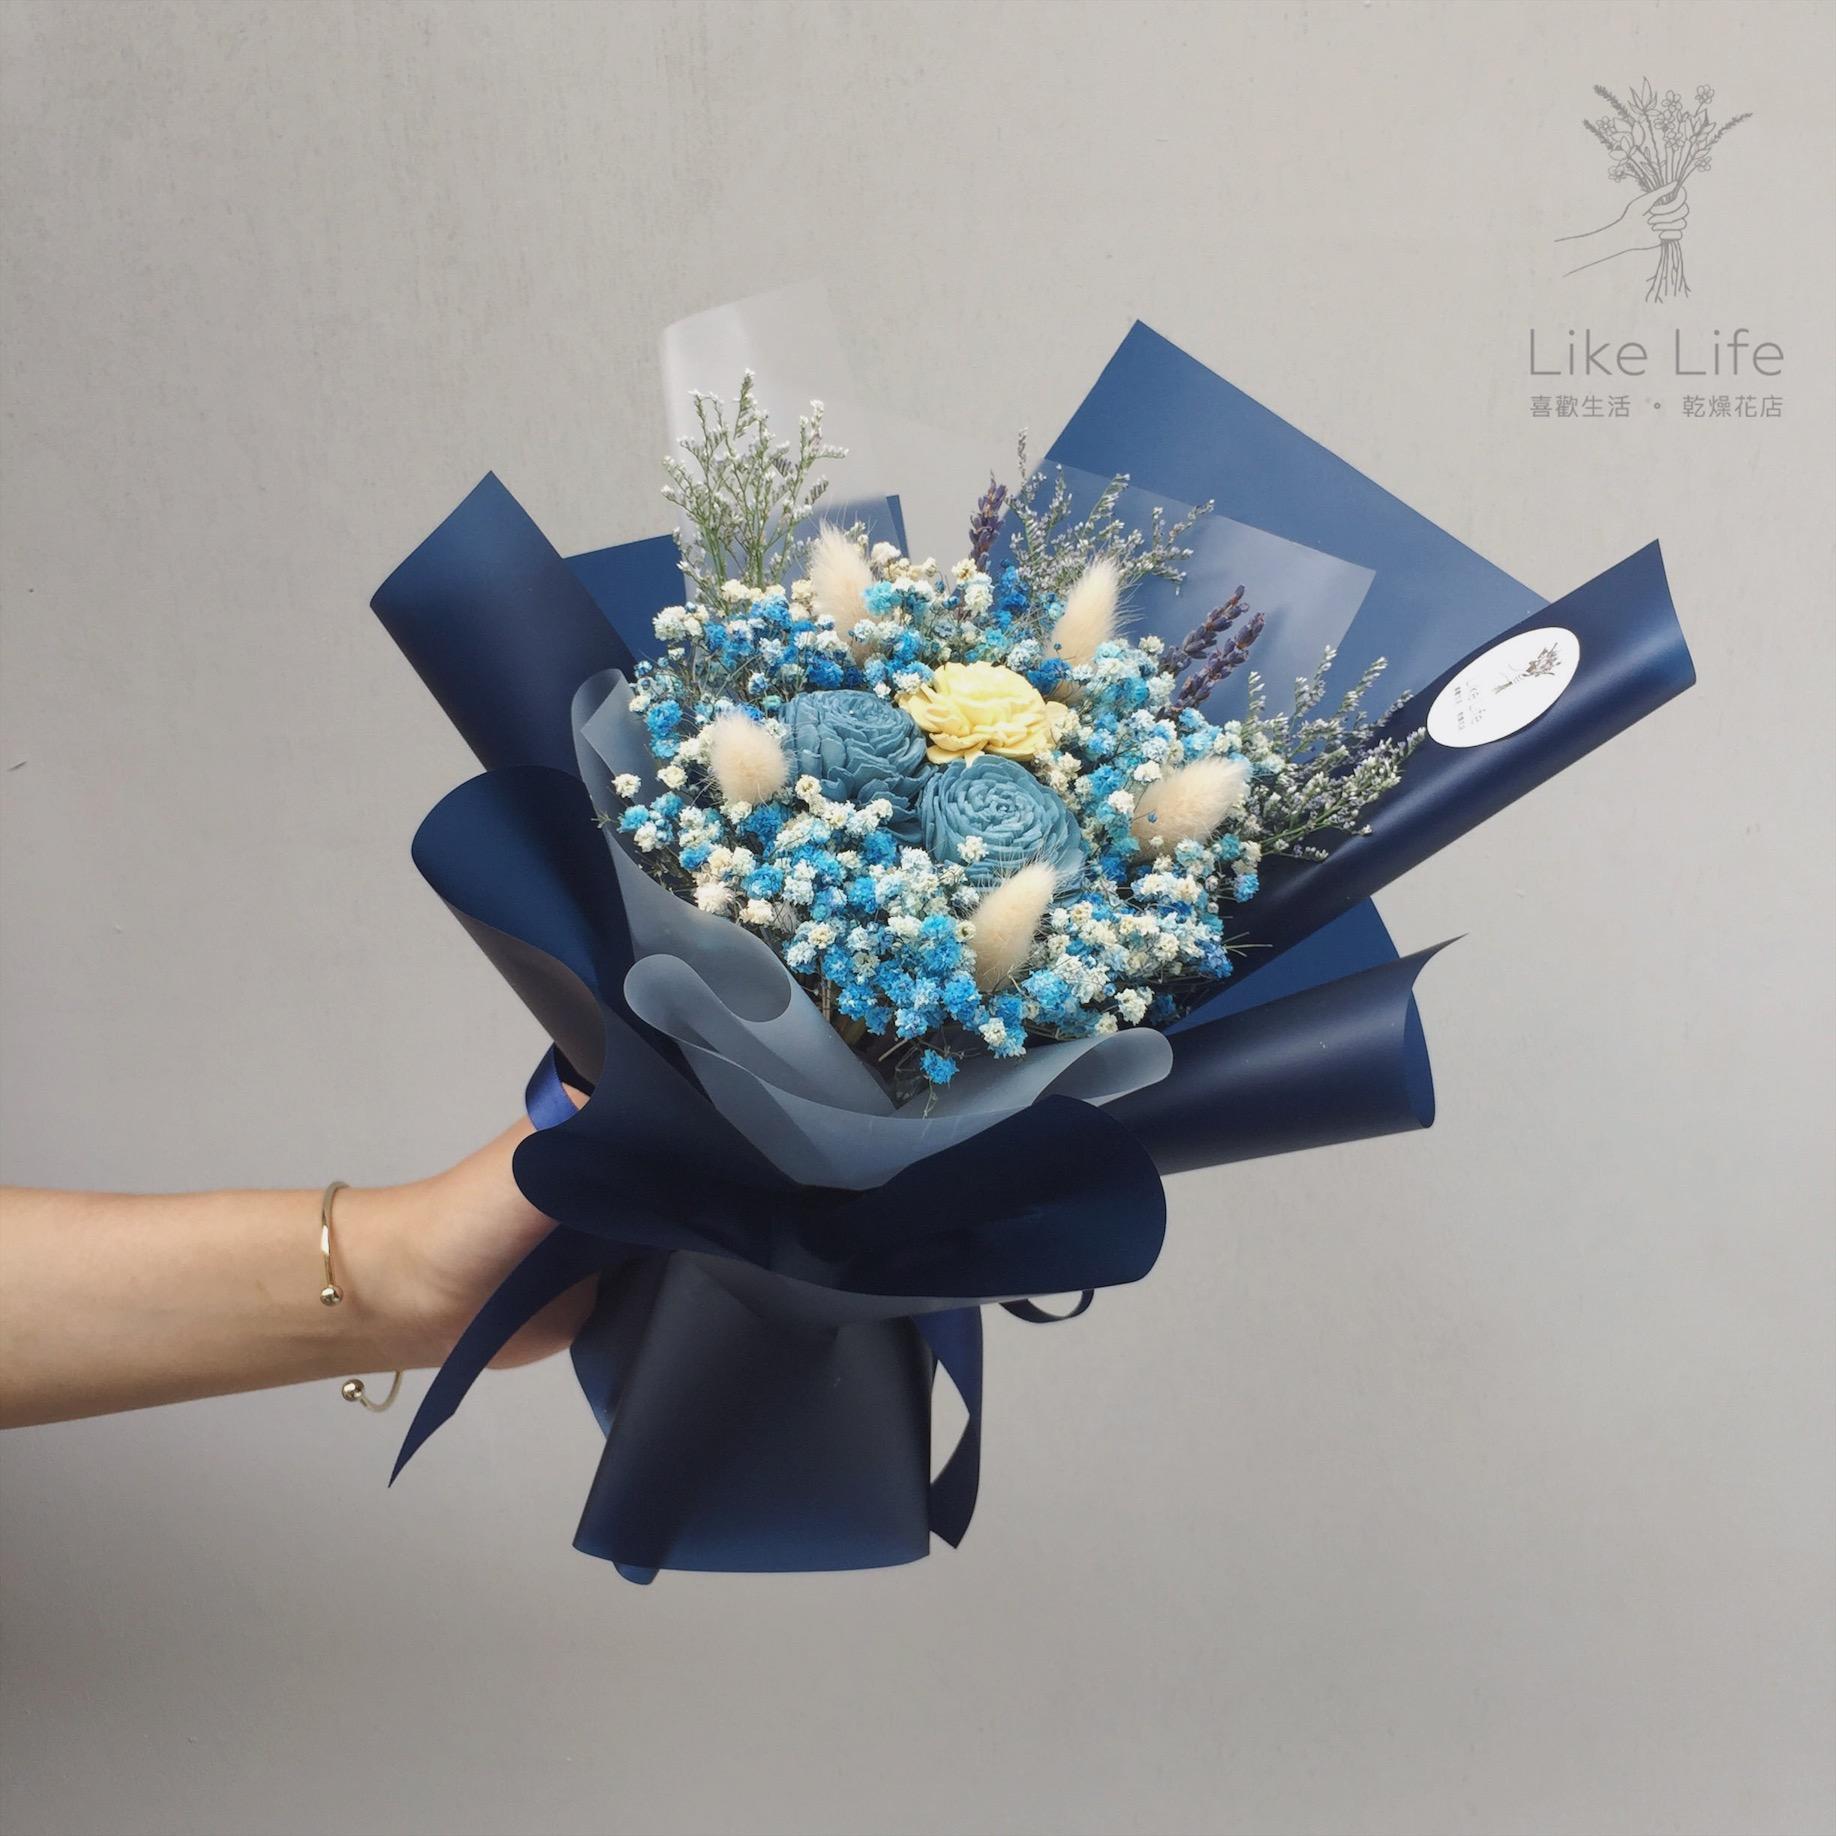 乾燥花束湛藍色,喜歡生活乾燥花店